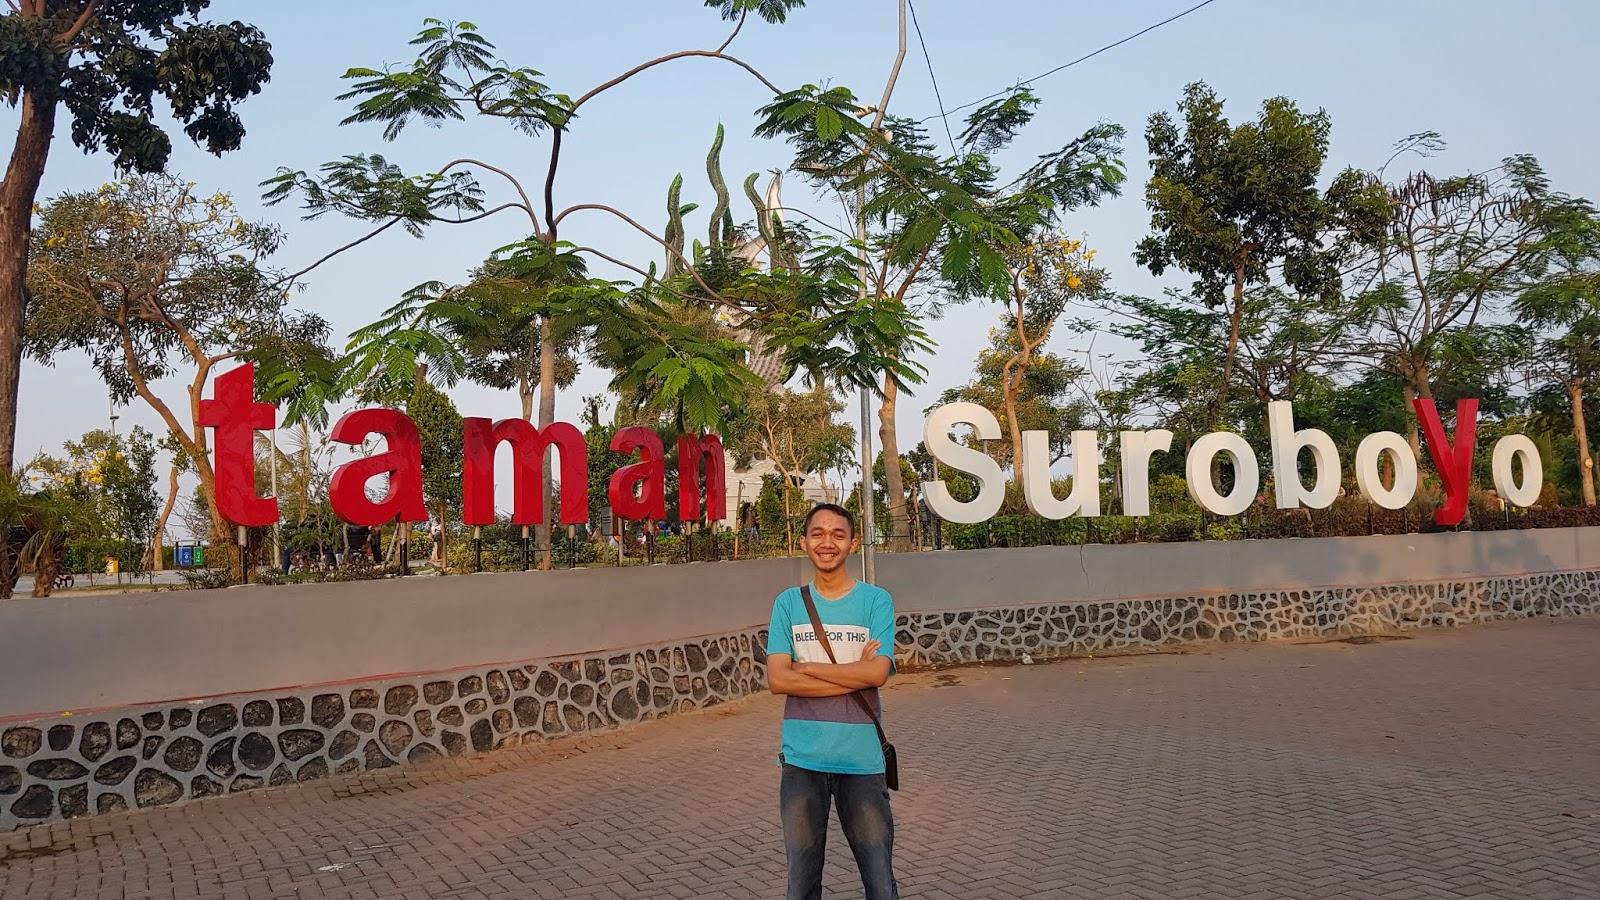 Aku dan taman suroboyo. Bangga Surabaya.